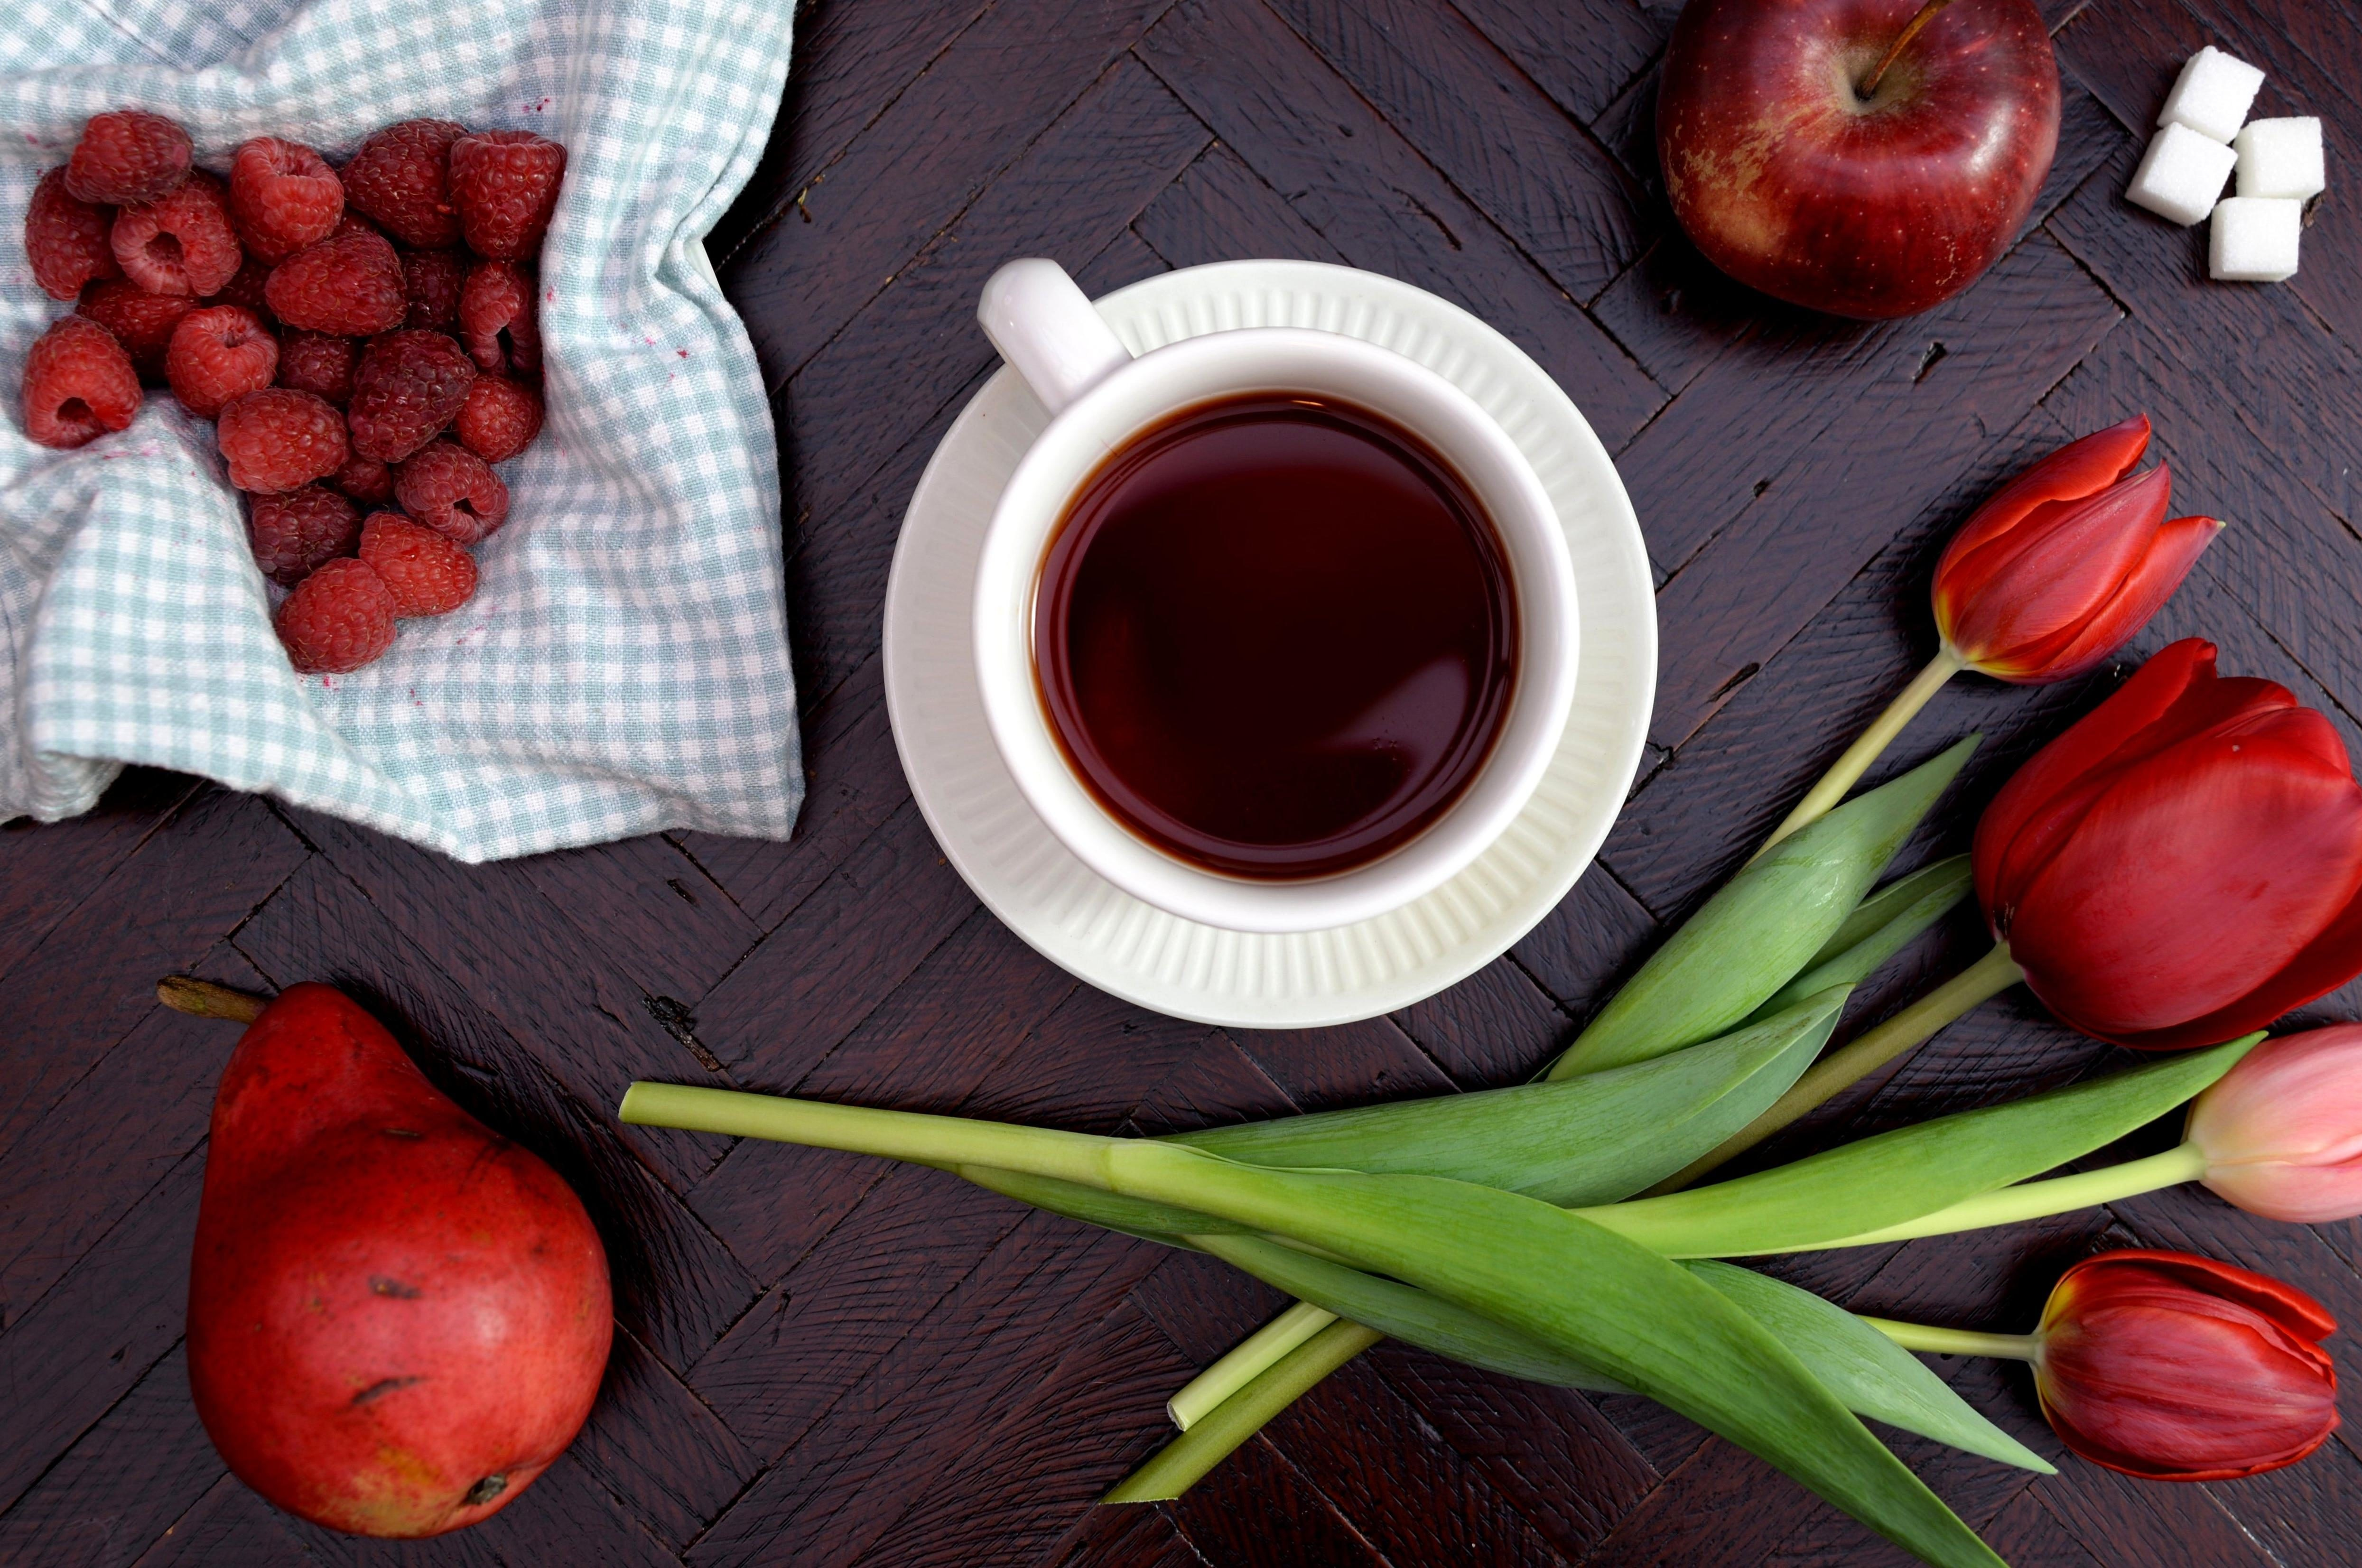 Lampada Fiore Tulipano : Foto gratis: tè frutta tulipano fiore tavola decorazione